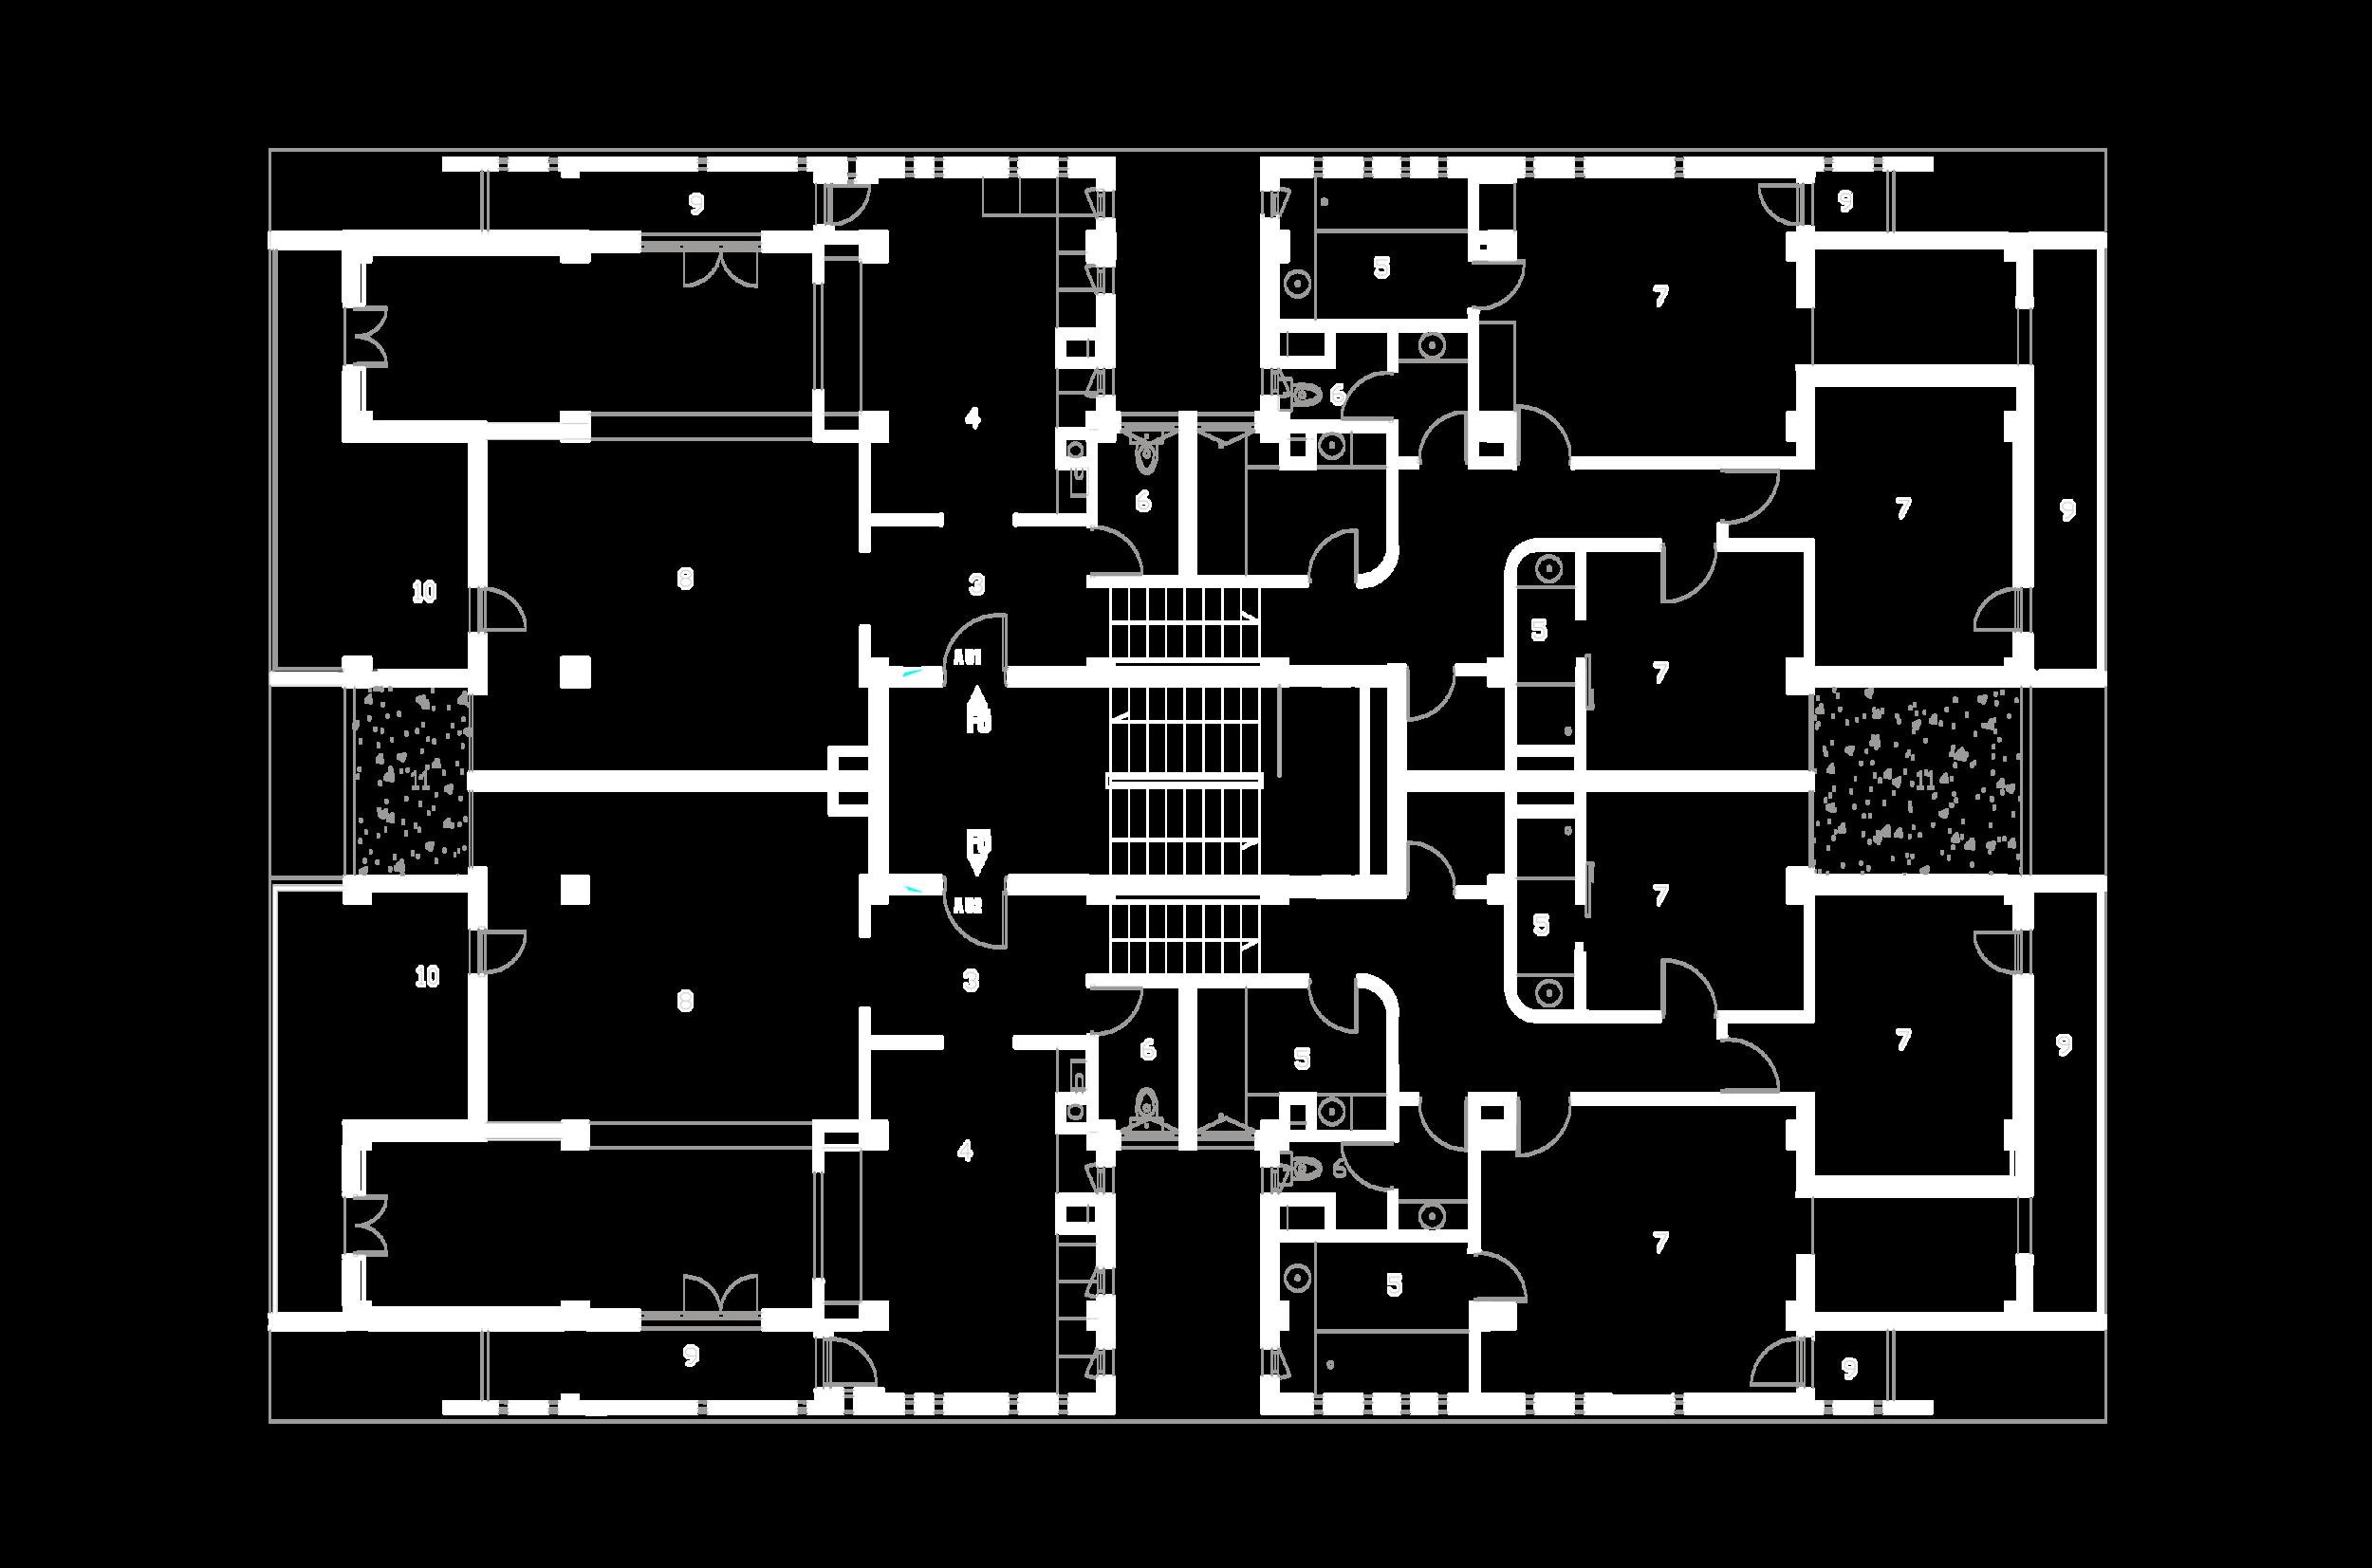 Plan attique bâtiment A :  3- Hall et dégagement, 4- Cuisine, 5- Salle de bain, 6- WC, 7- Chambre, 8- Salon, 9- Loggia, 10- Terrasse, 11- Terrasse inaccessible.